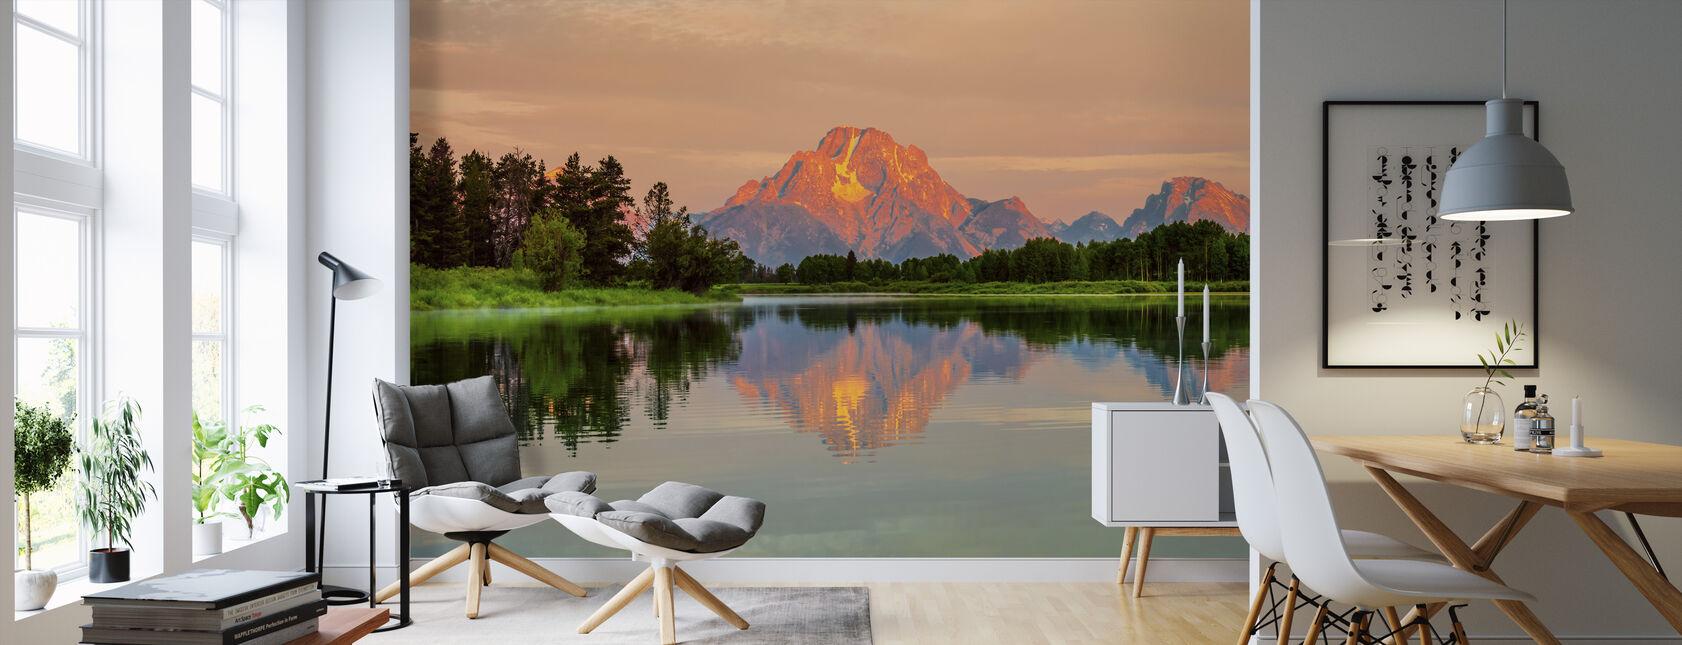 Grand Teton Sunrise - Wallpaper - Living Room